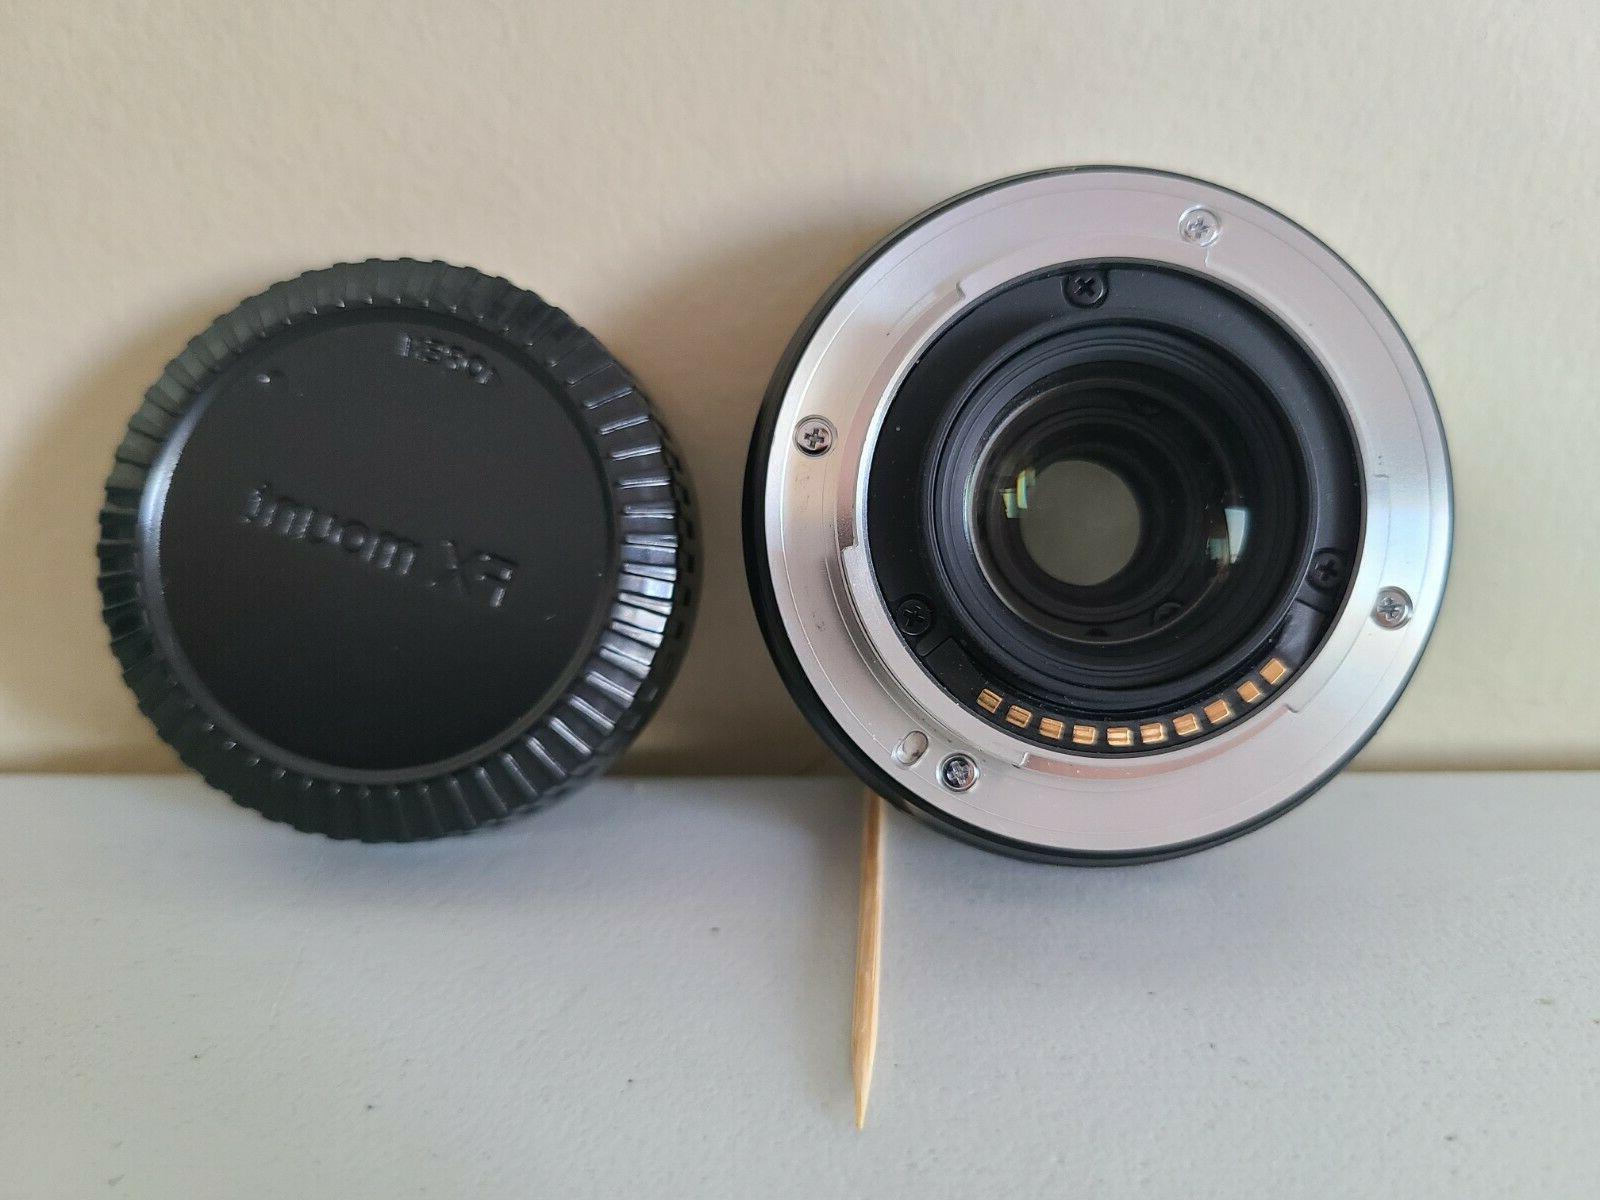 Fujifilm Fujinon 27mm f/2.8 Camera Lens